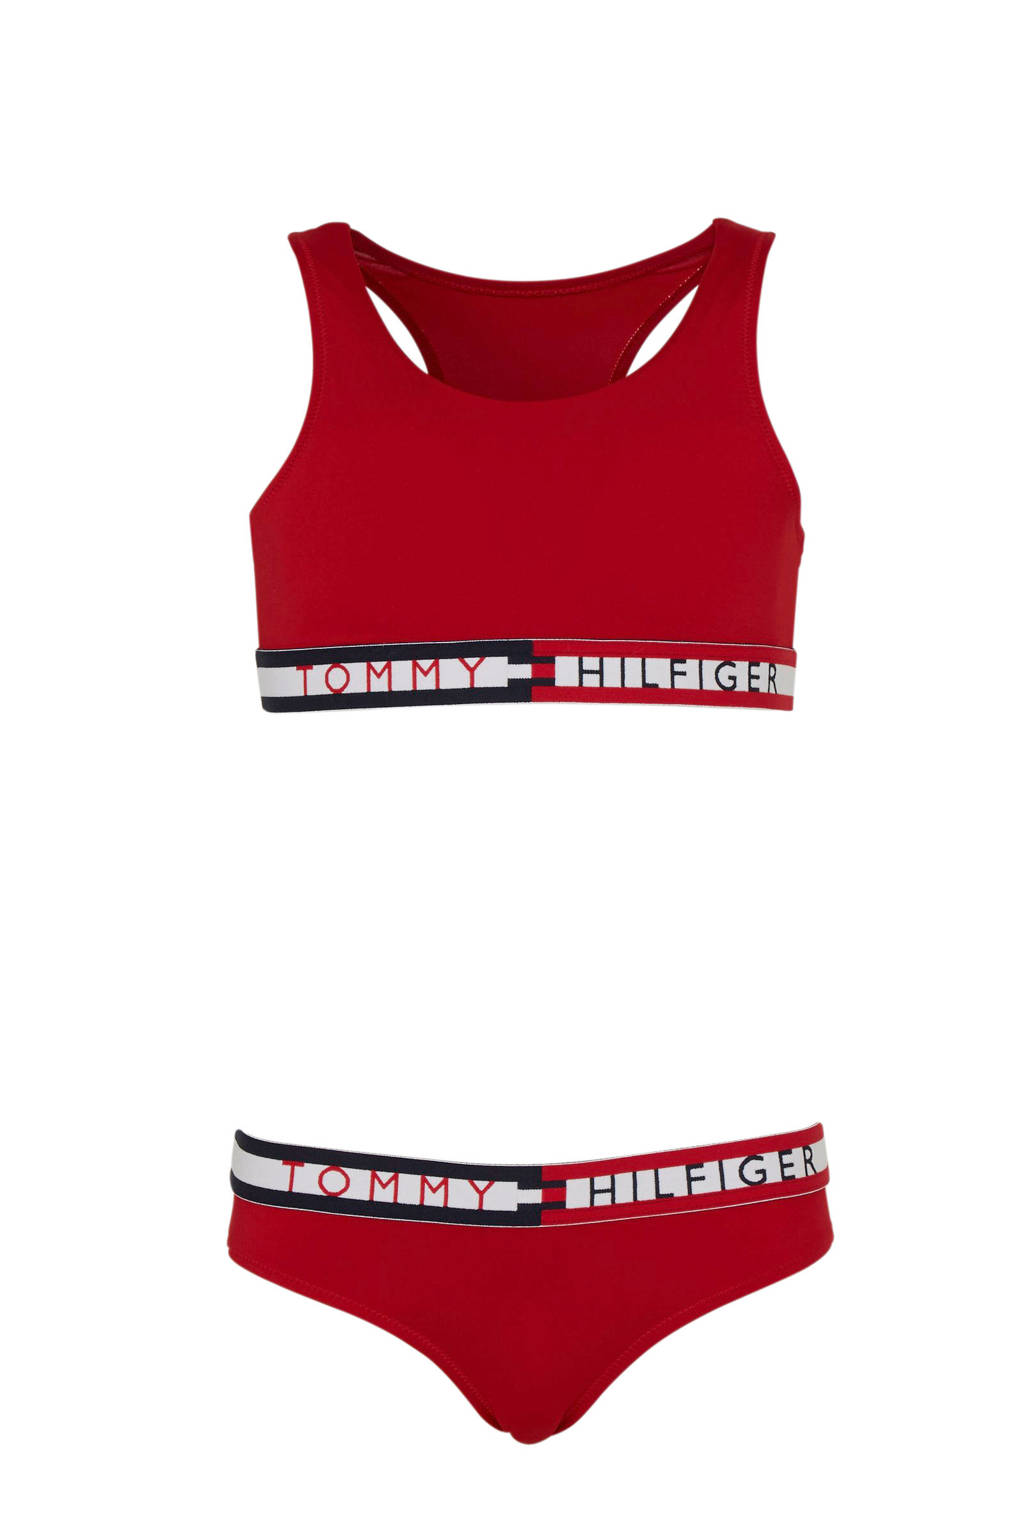 Tommy Hilfiger bikini met merknaam rood, Rood